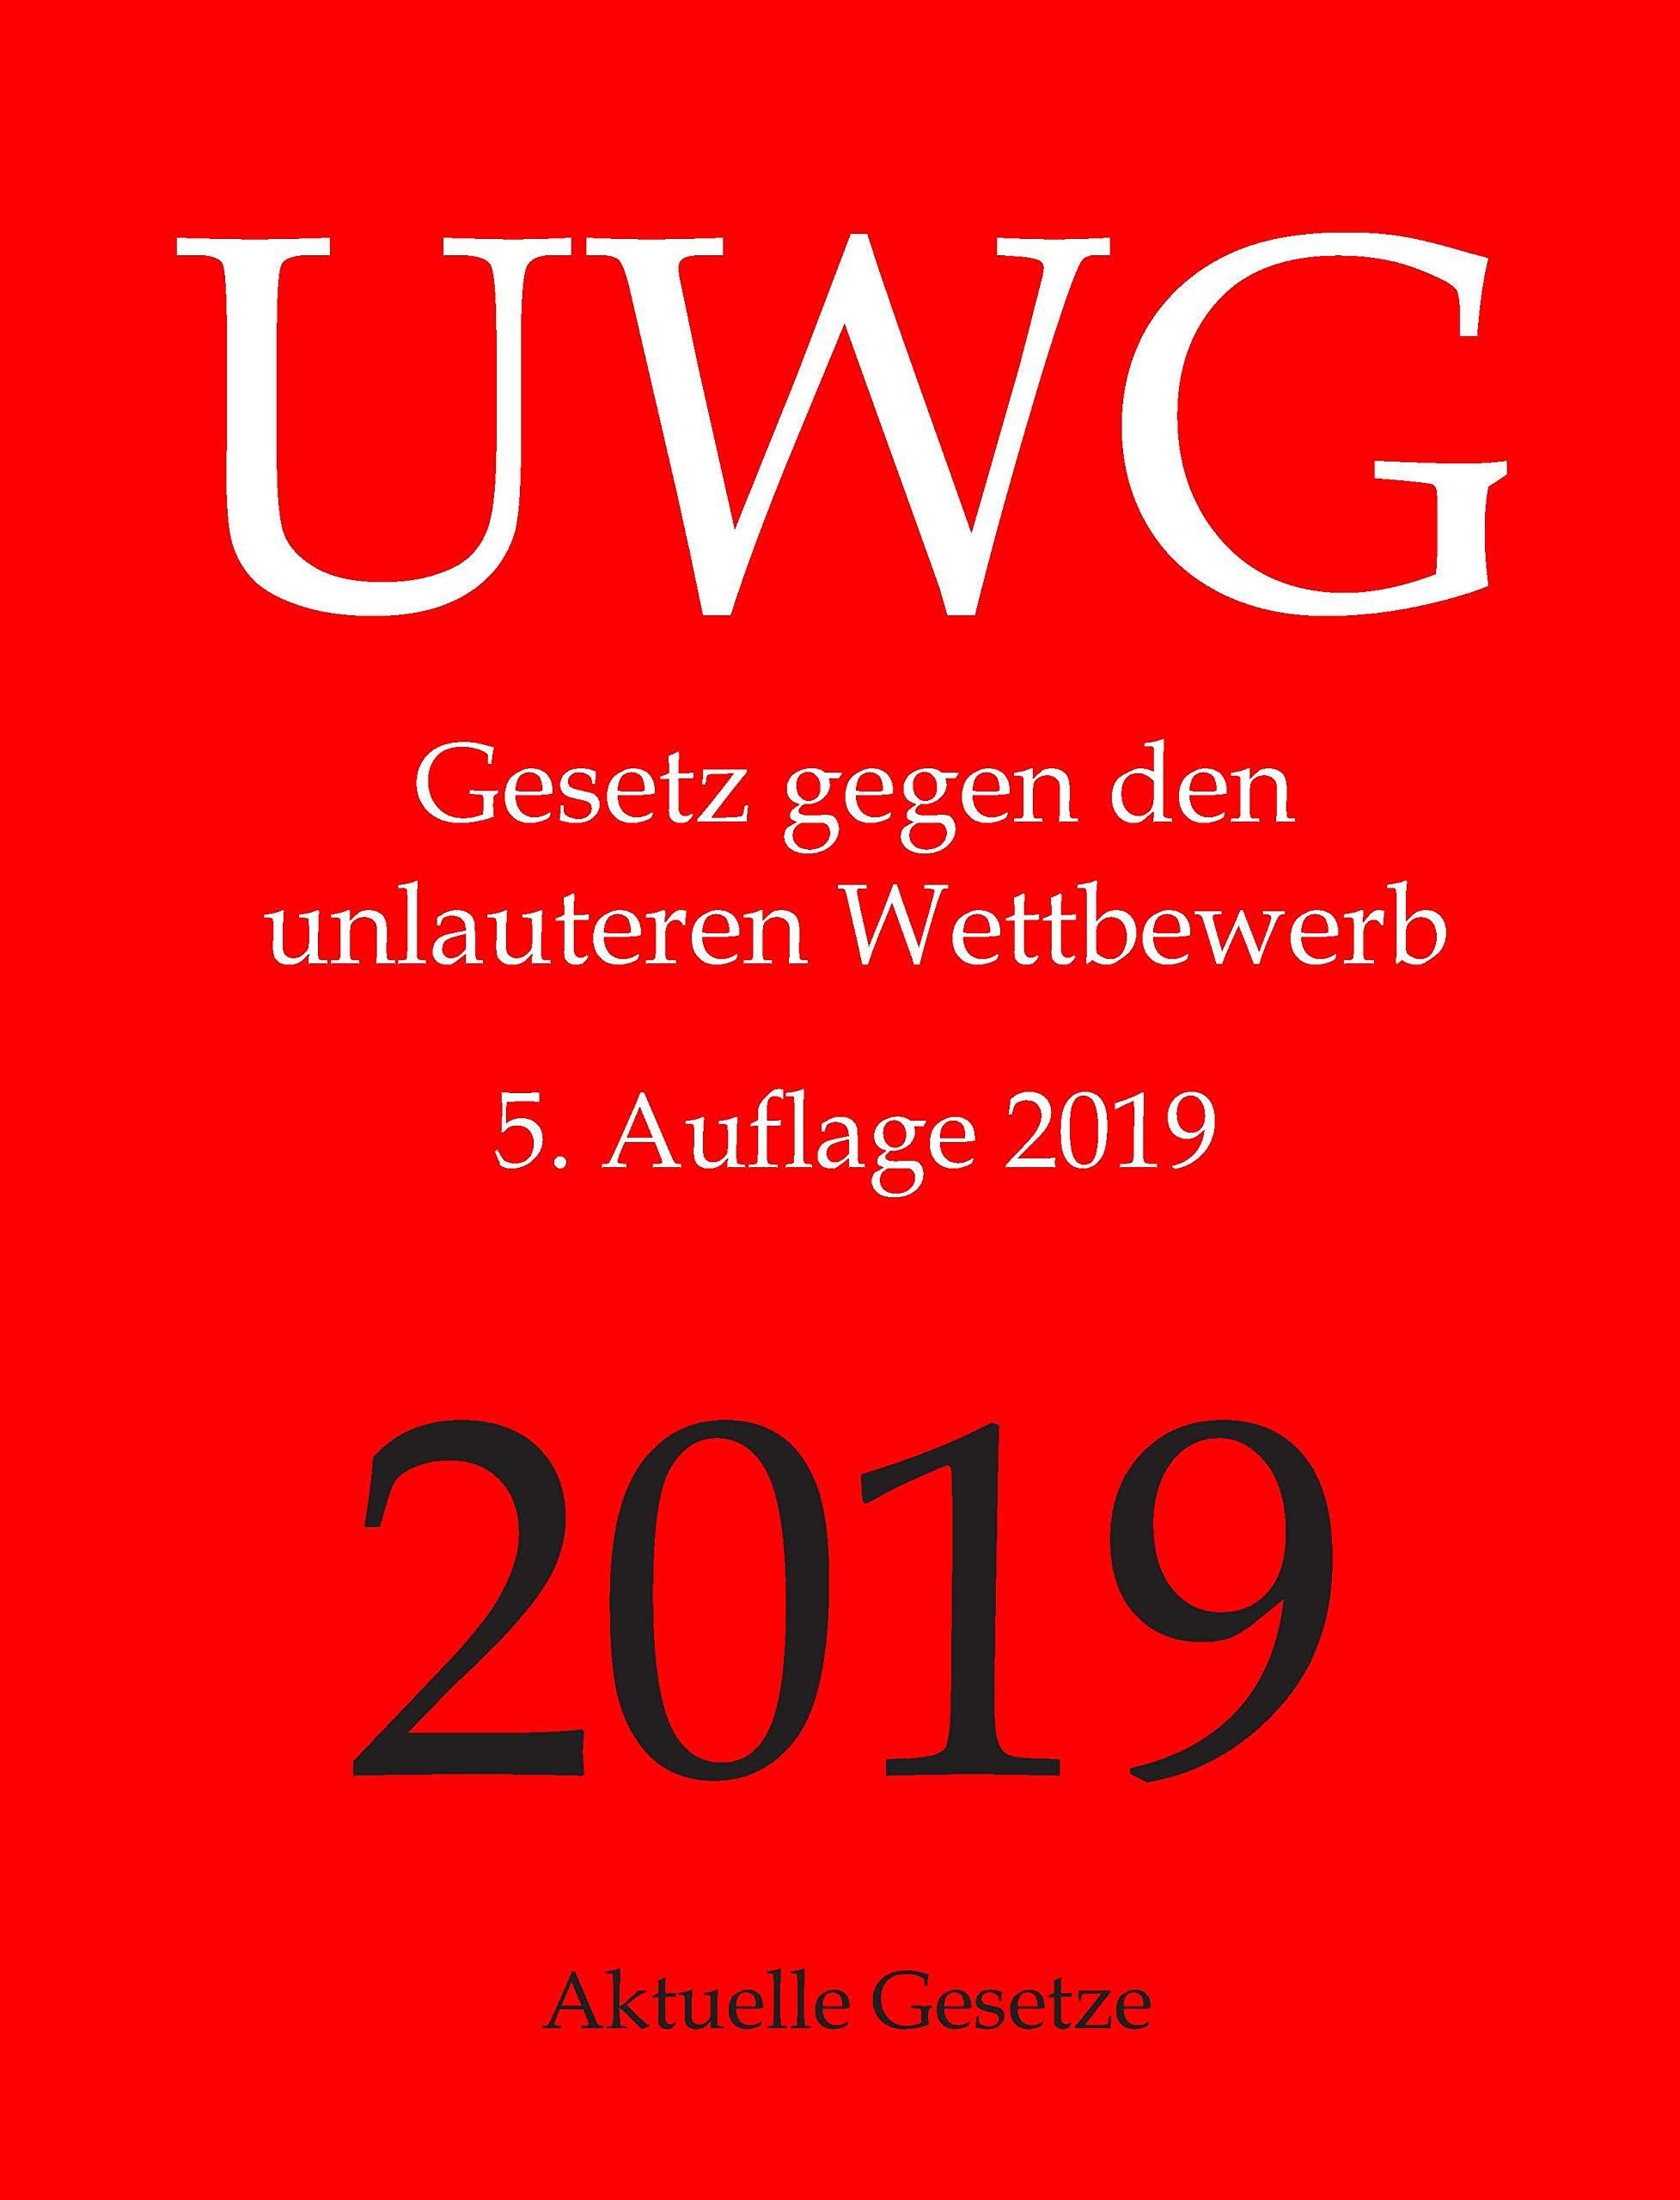 UWG Gesetz Gegen Den Unlauteren Wettbewerb Aktuelle Gesetze